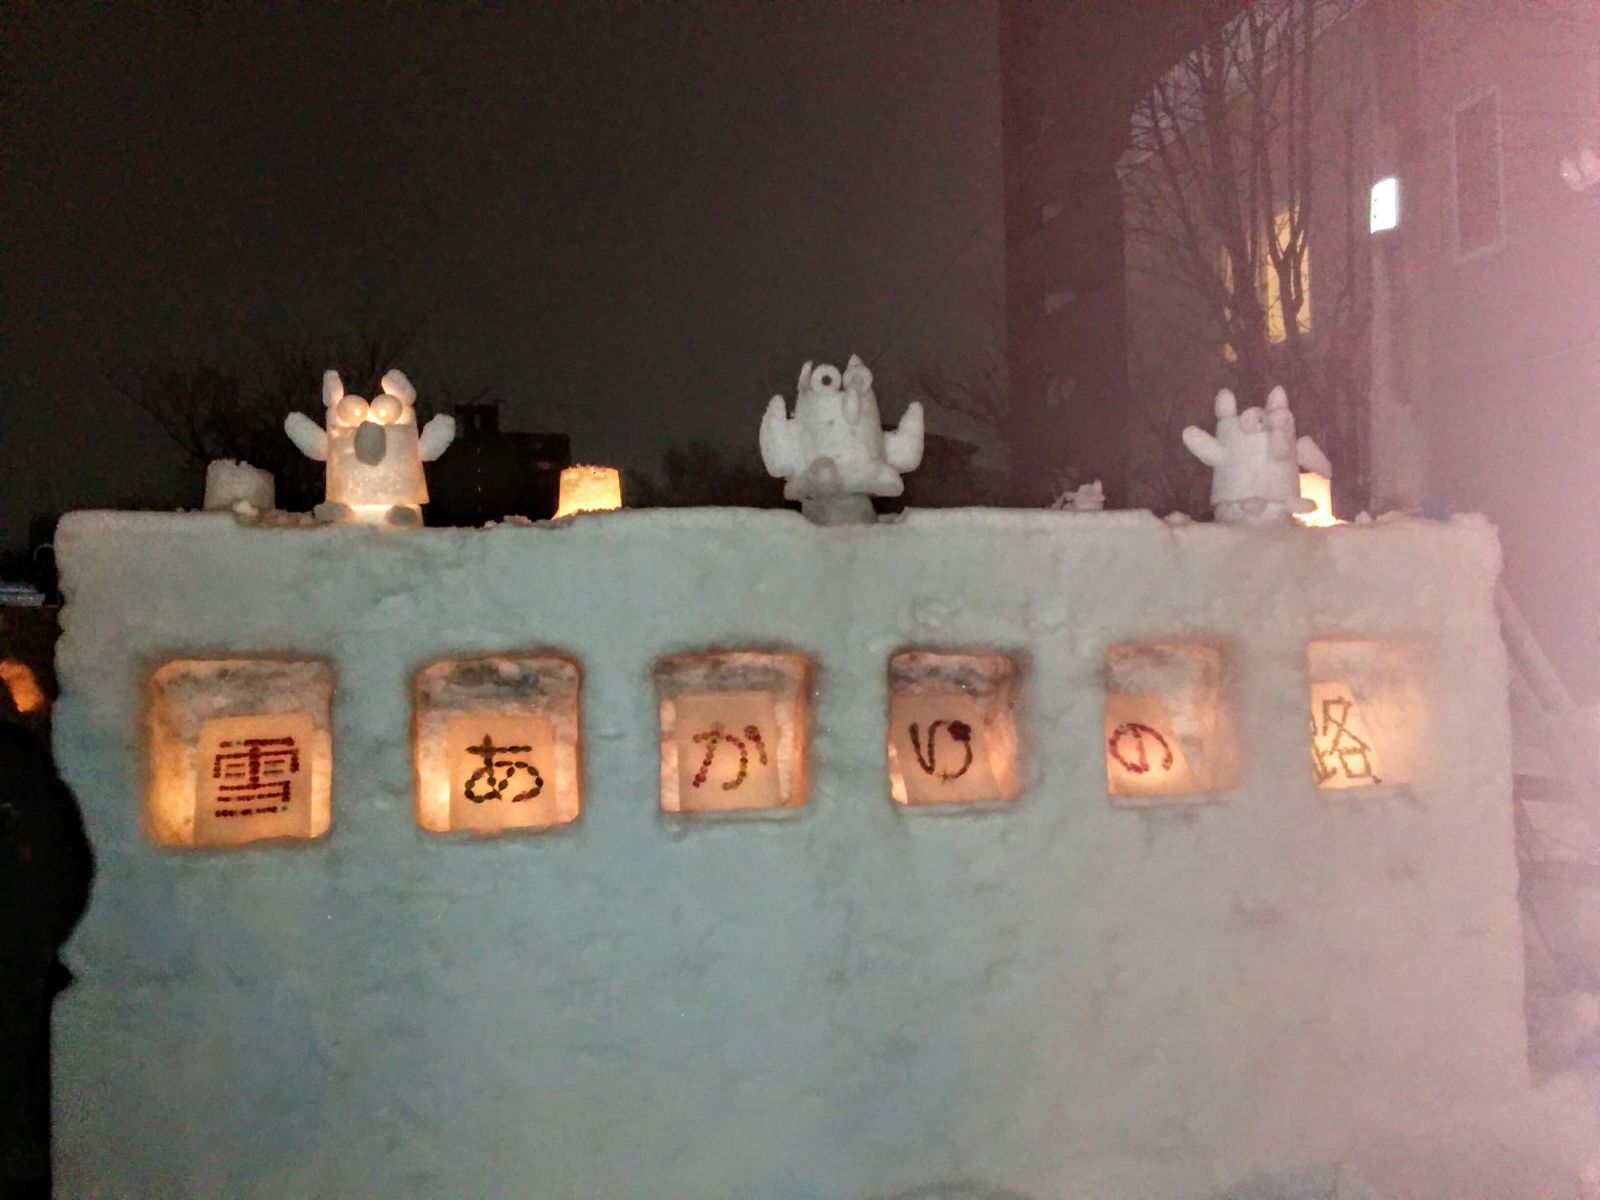 【小樽観光貸切タクシー】小樽雪あかりの路観光タクシー